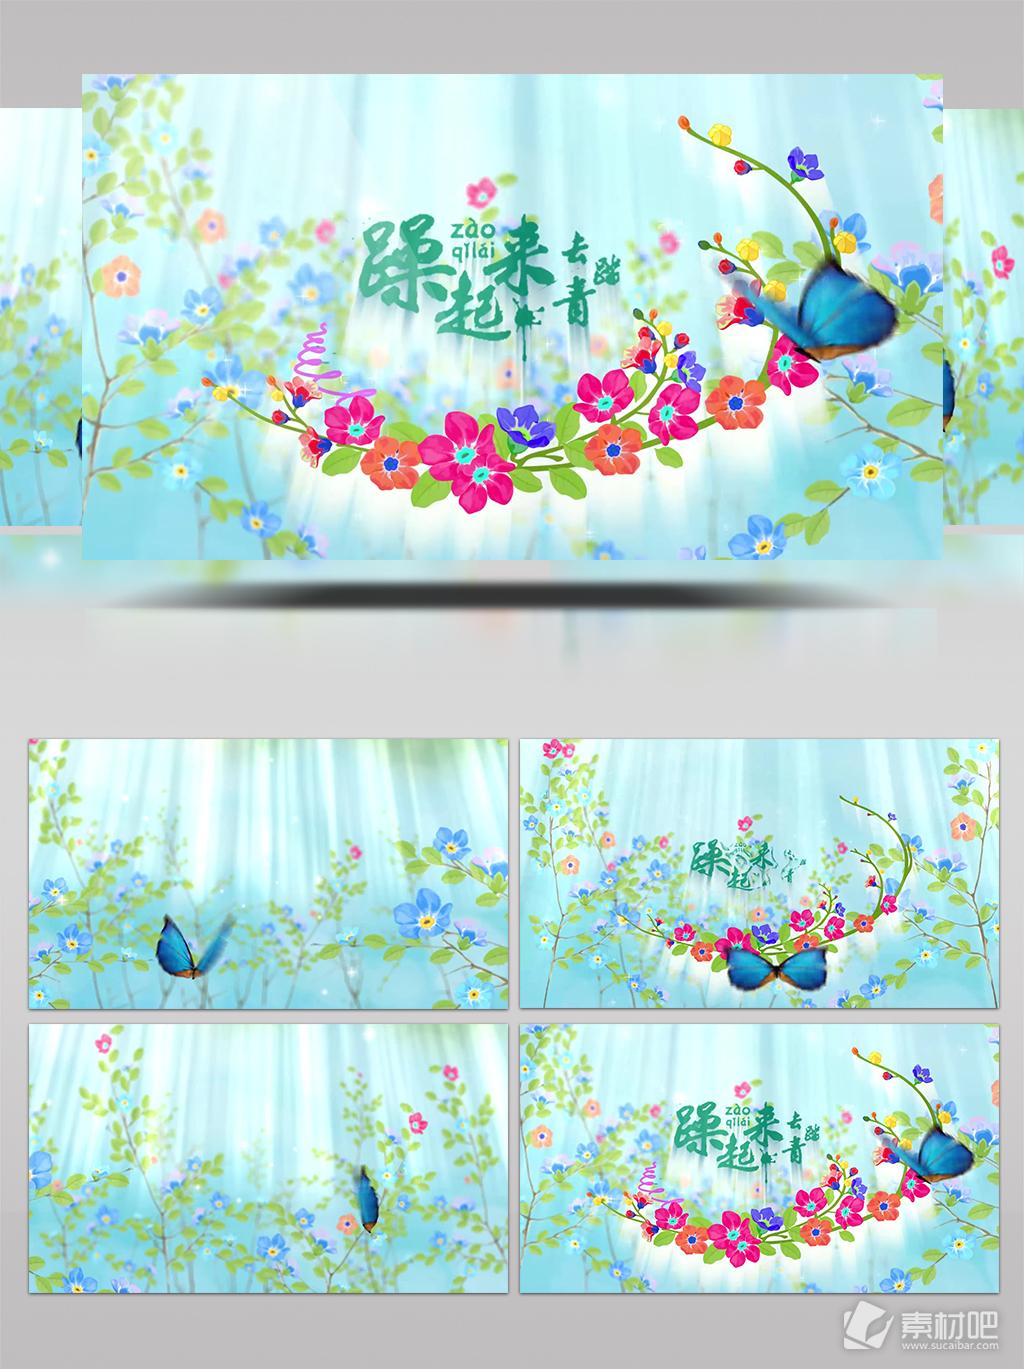 婚庆典礼浪漫春天背景栏目包装LOGO标志演绎